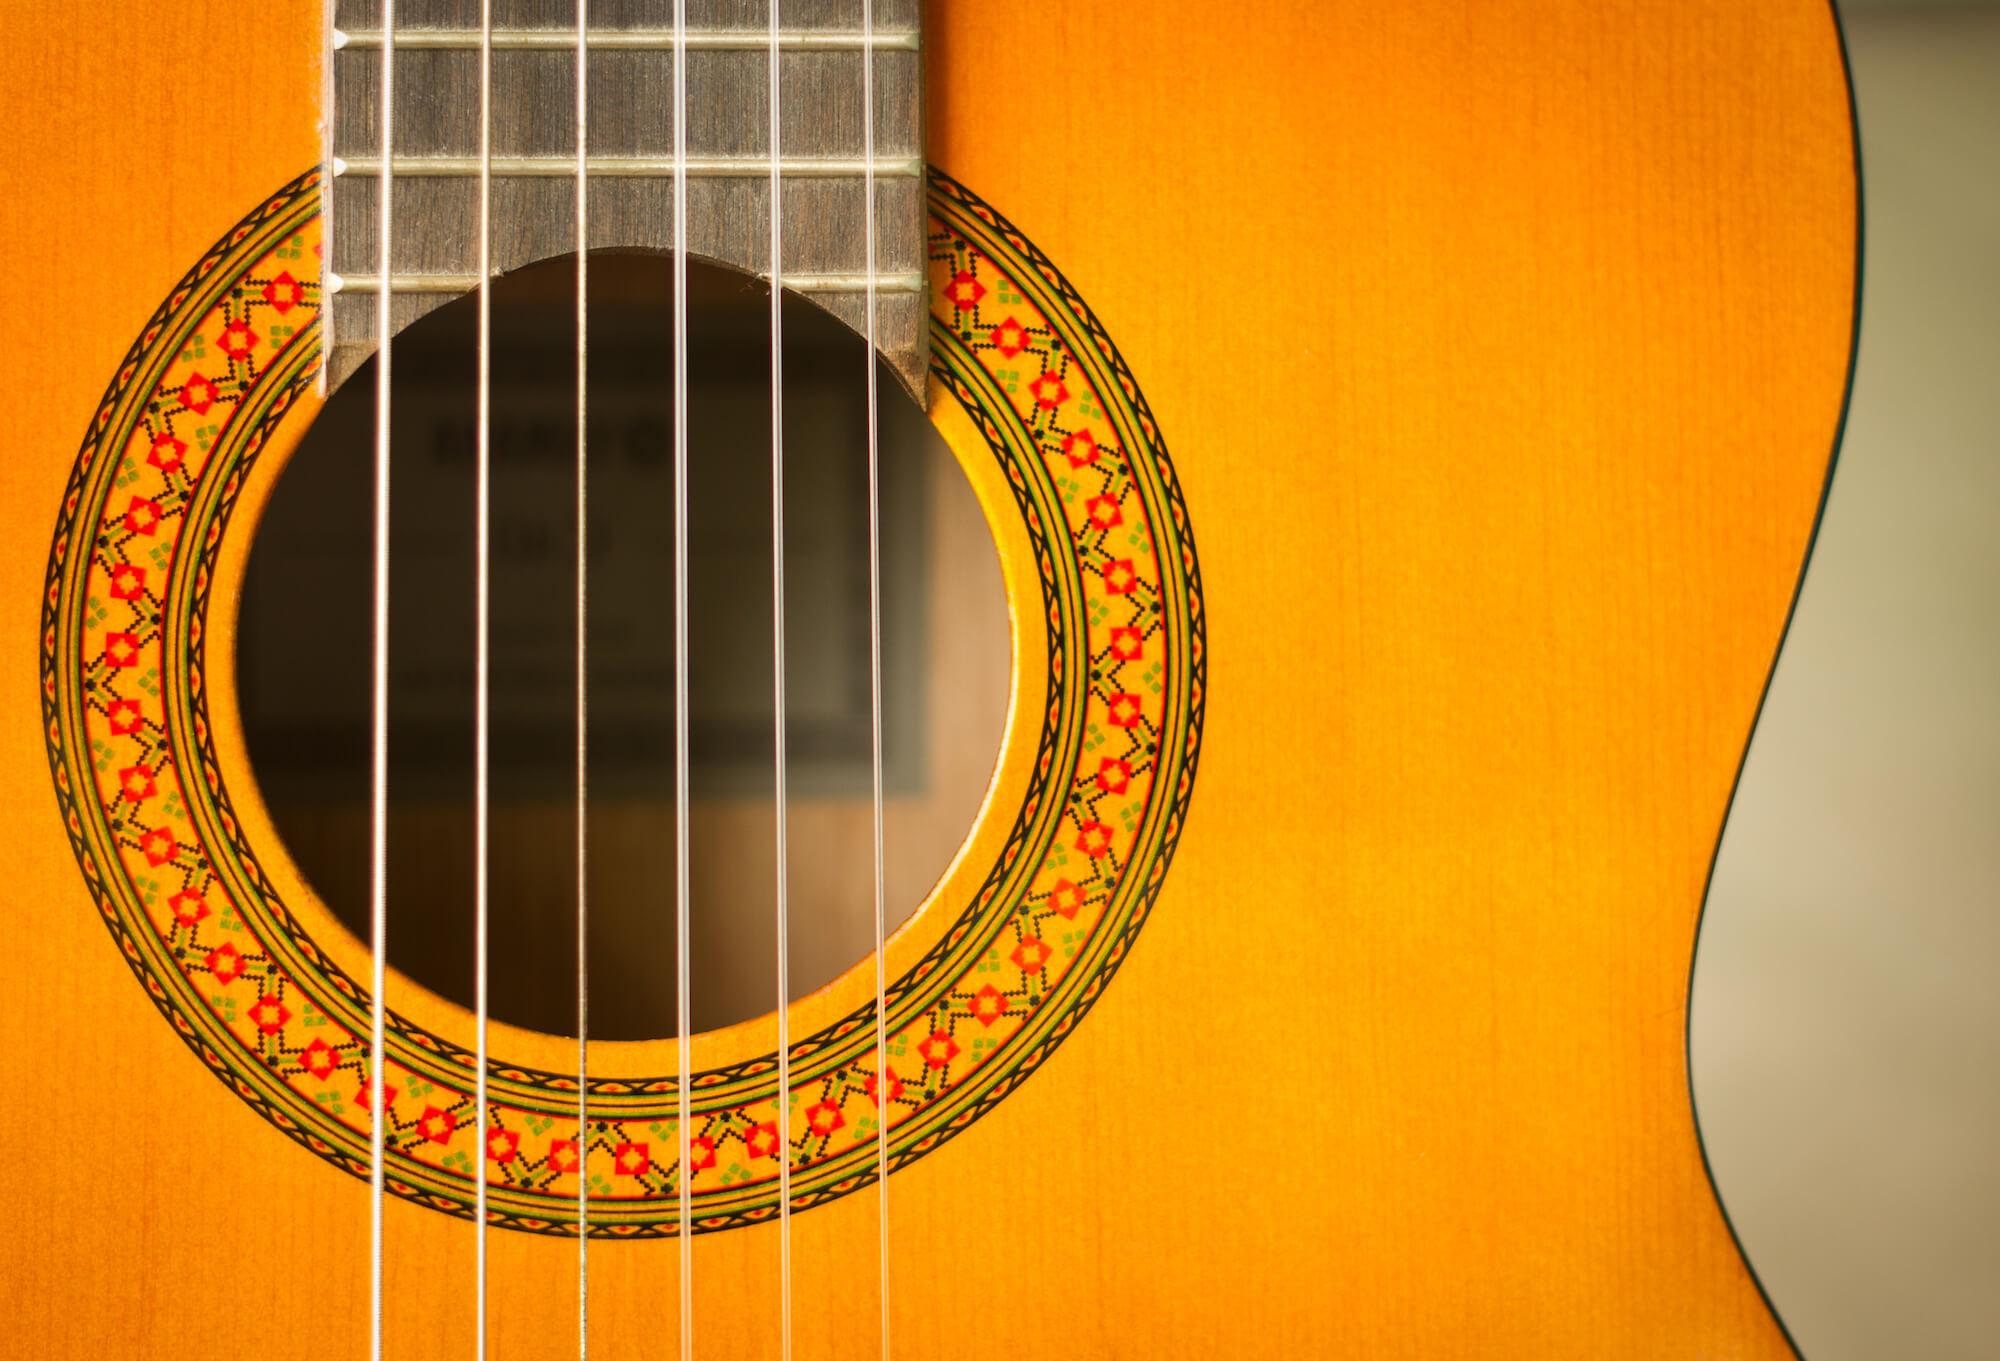 Noder til klassisk spansk guitar